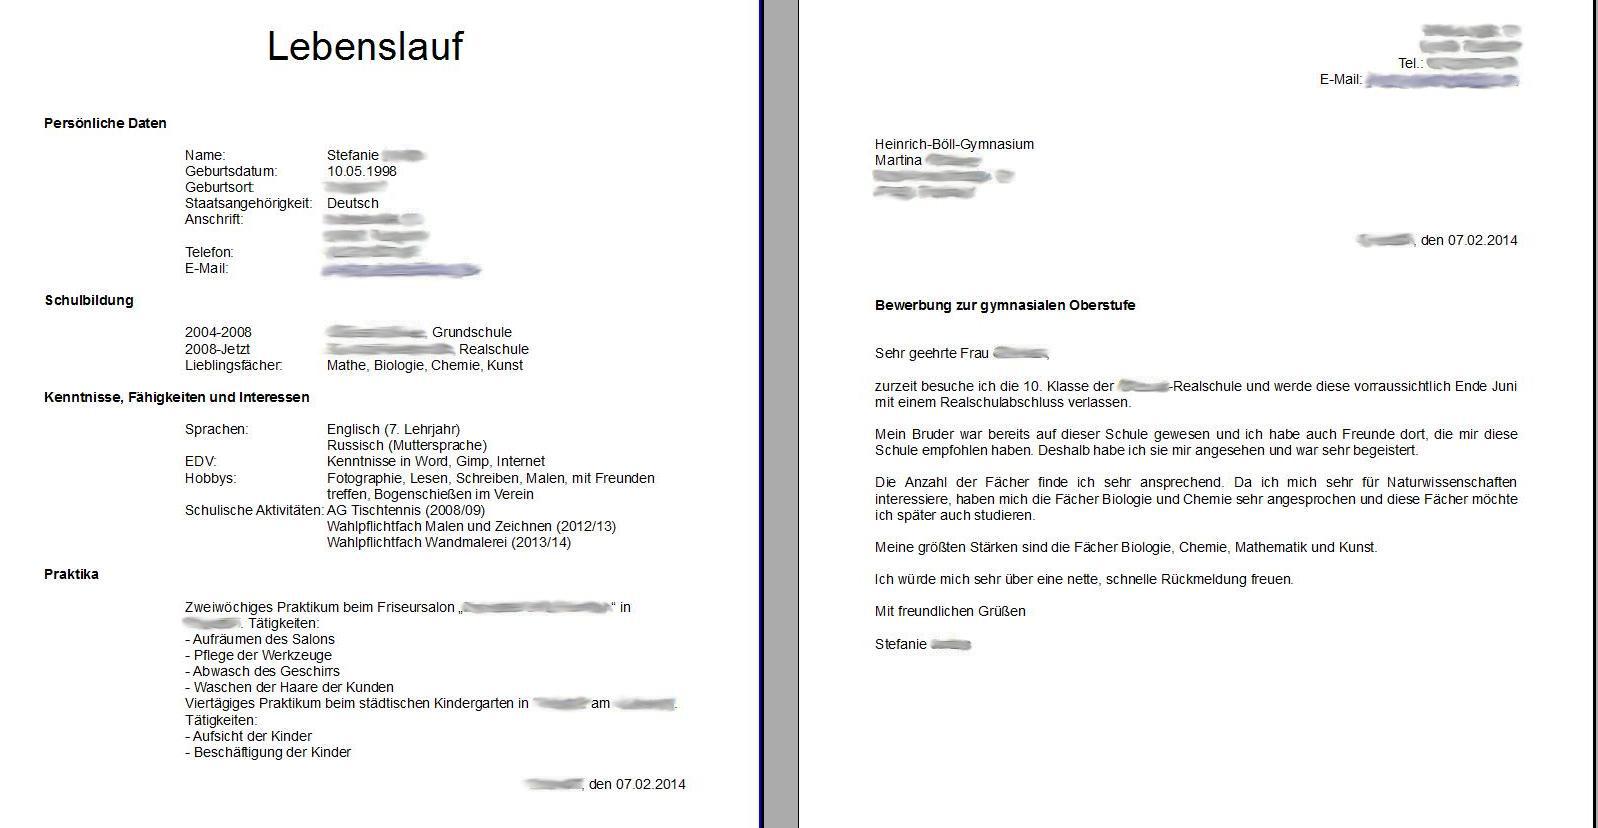 Beste Bund Lebenslauf Vorlage Bilder - Beispielzusammenfassung Ideen ...